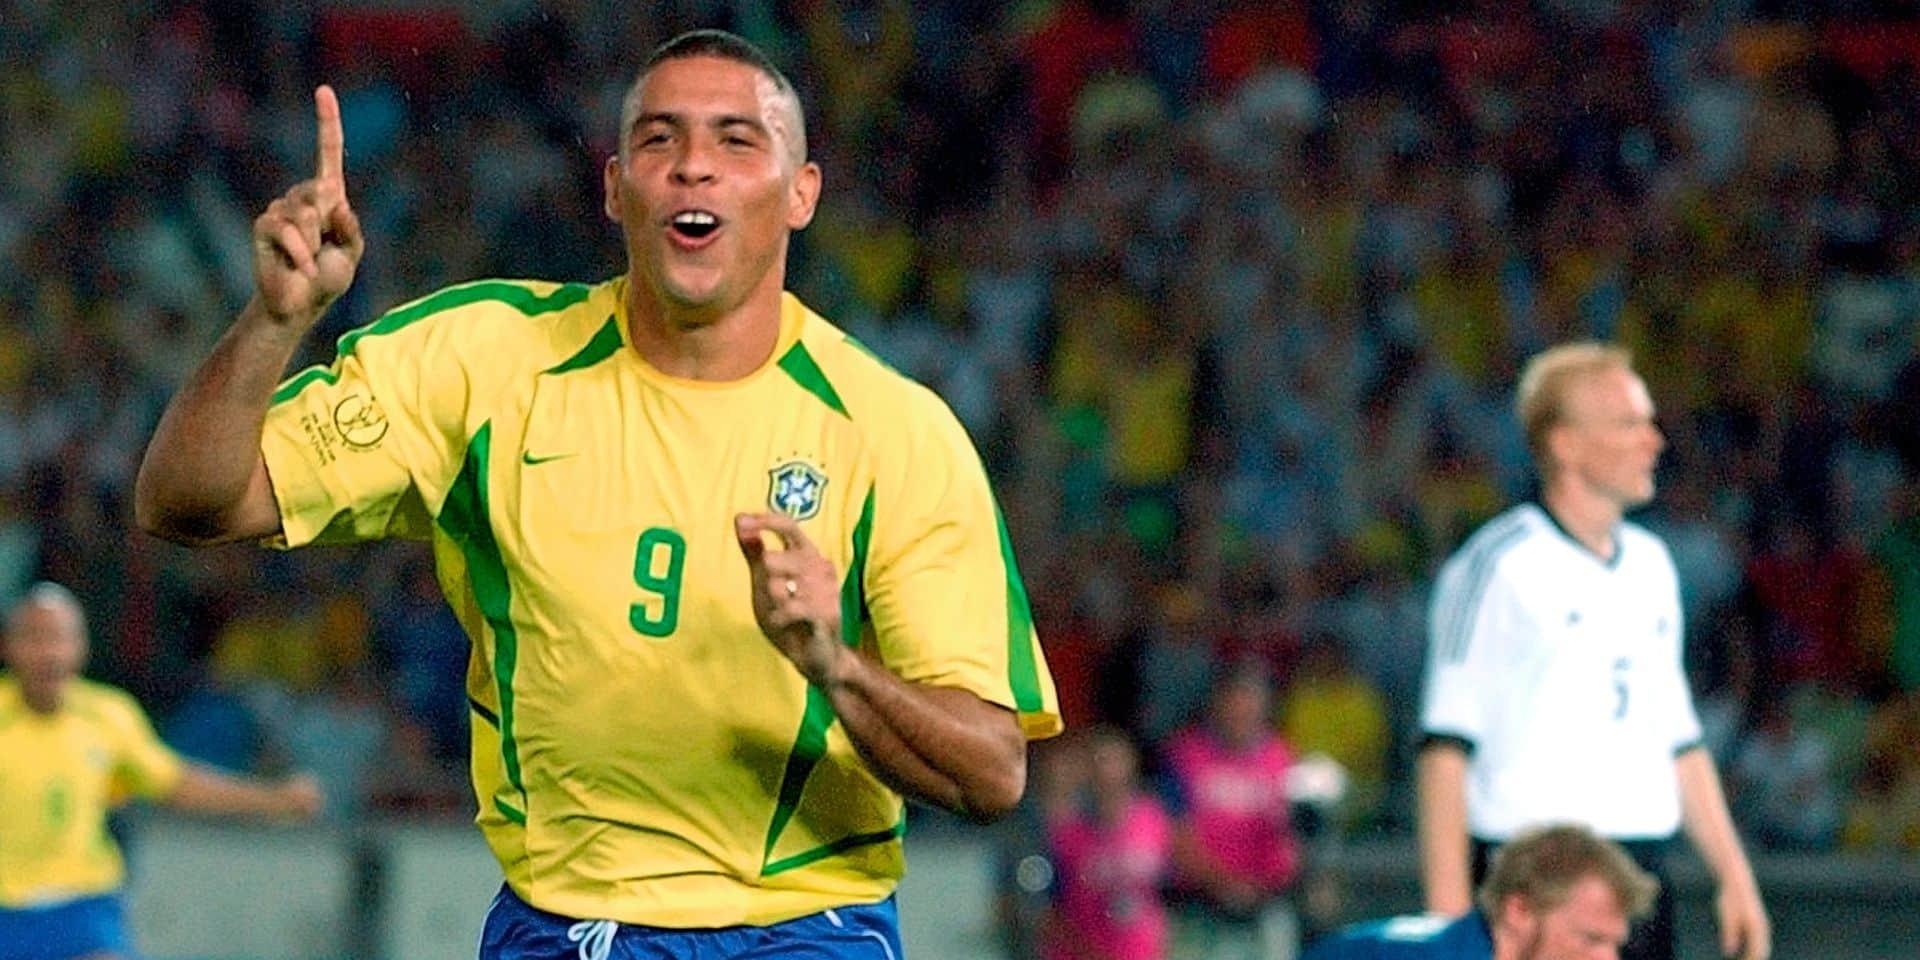 Quand Ronaldo offre un iPhone à tous les joueurs de Valladolid